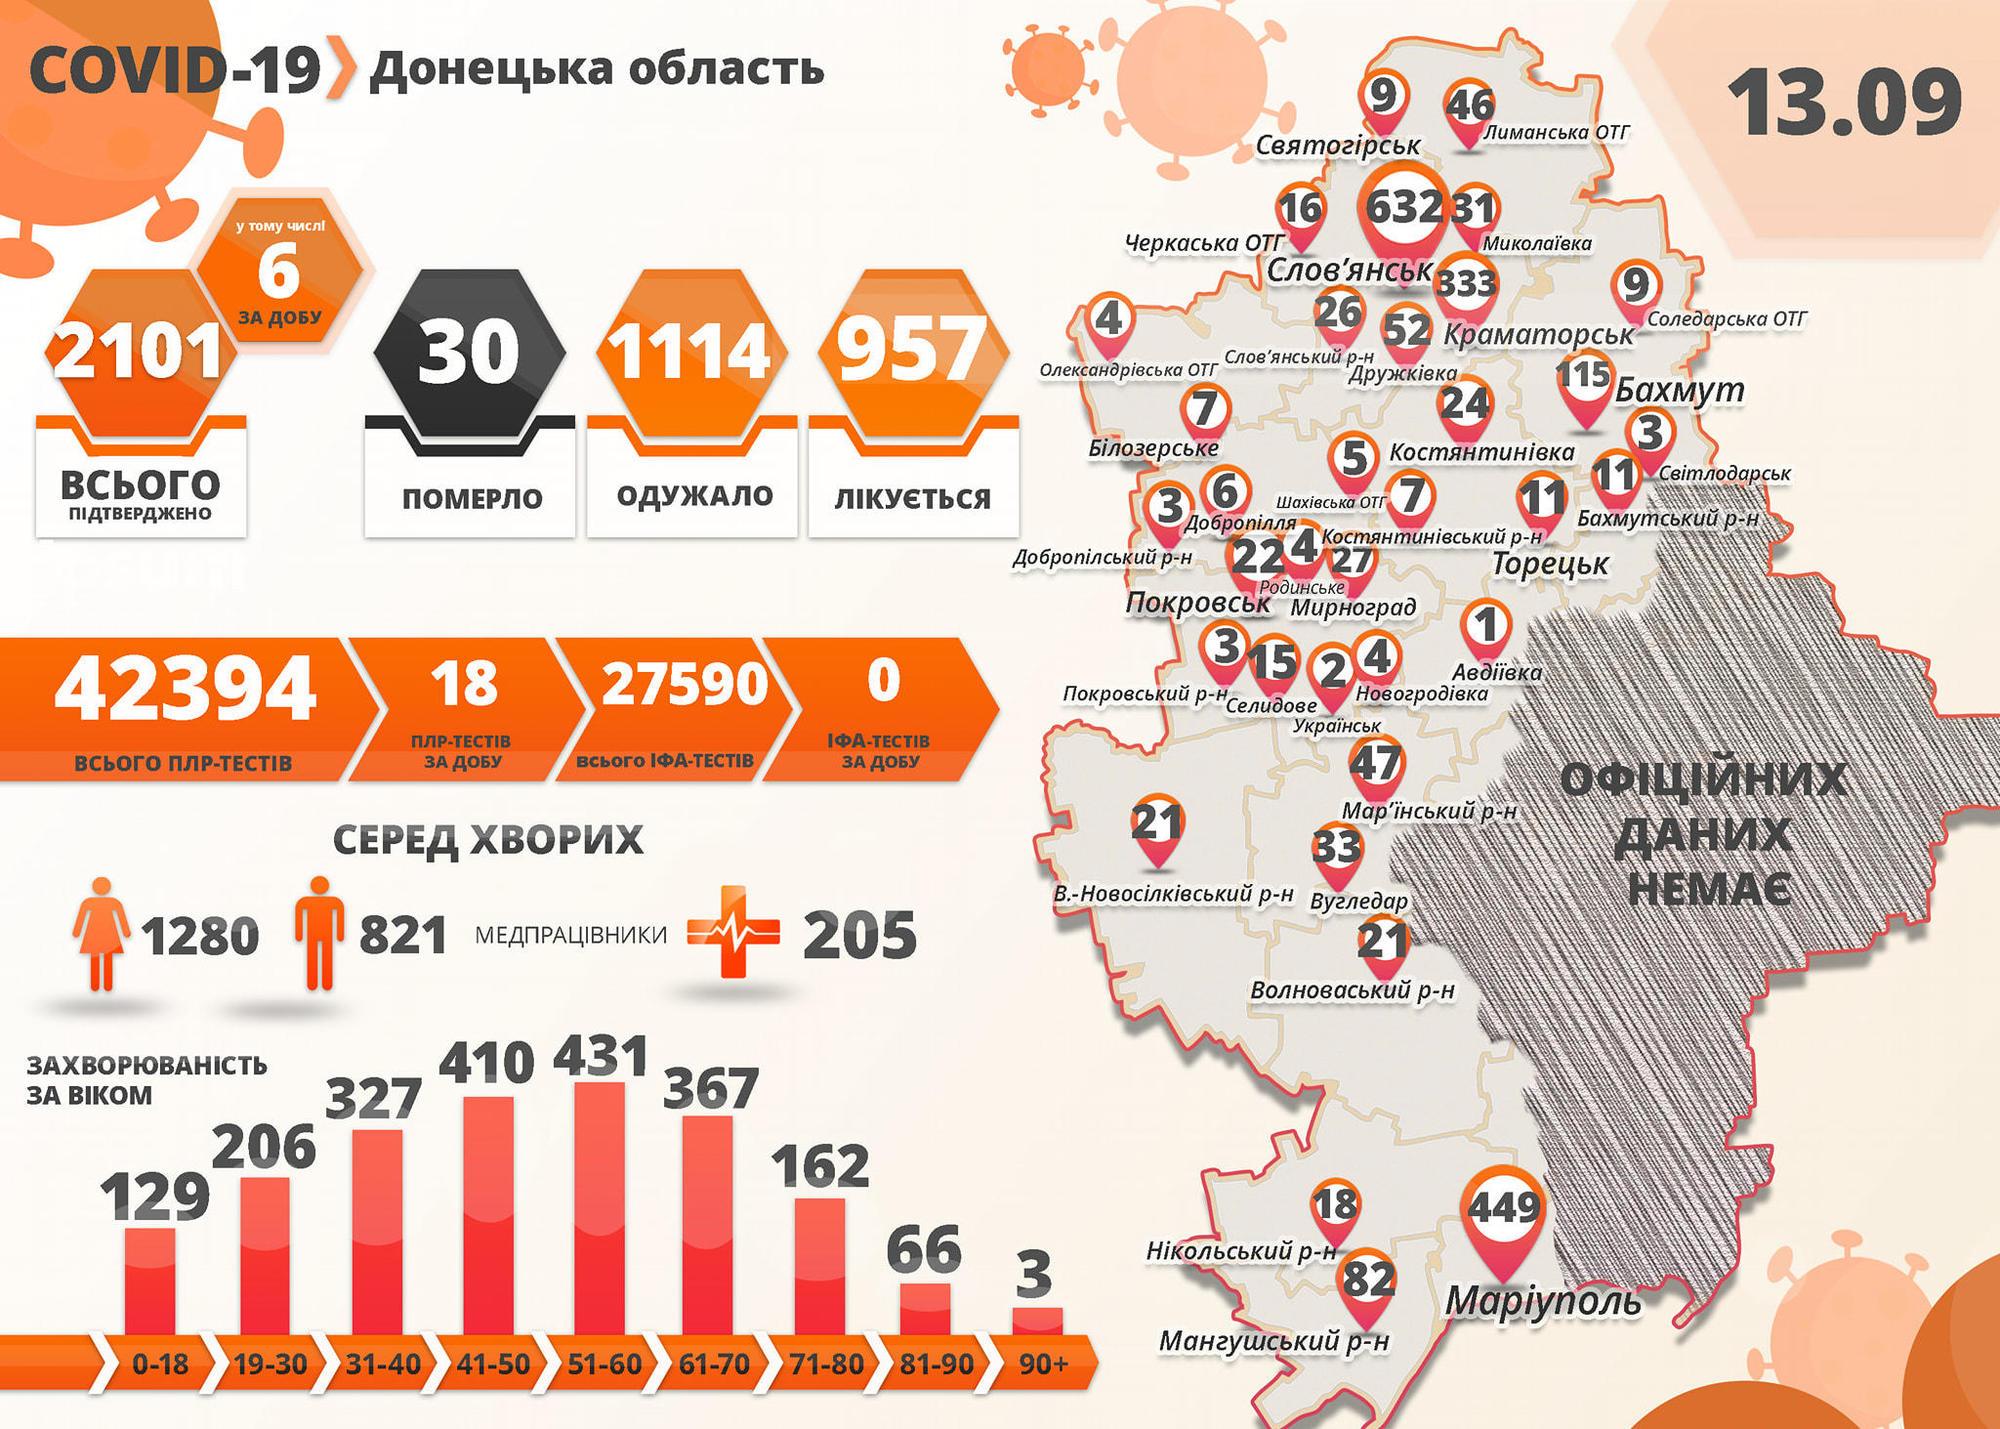 инфографика ДонОГА Донецкая область коронавирус